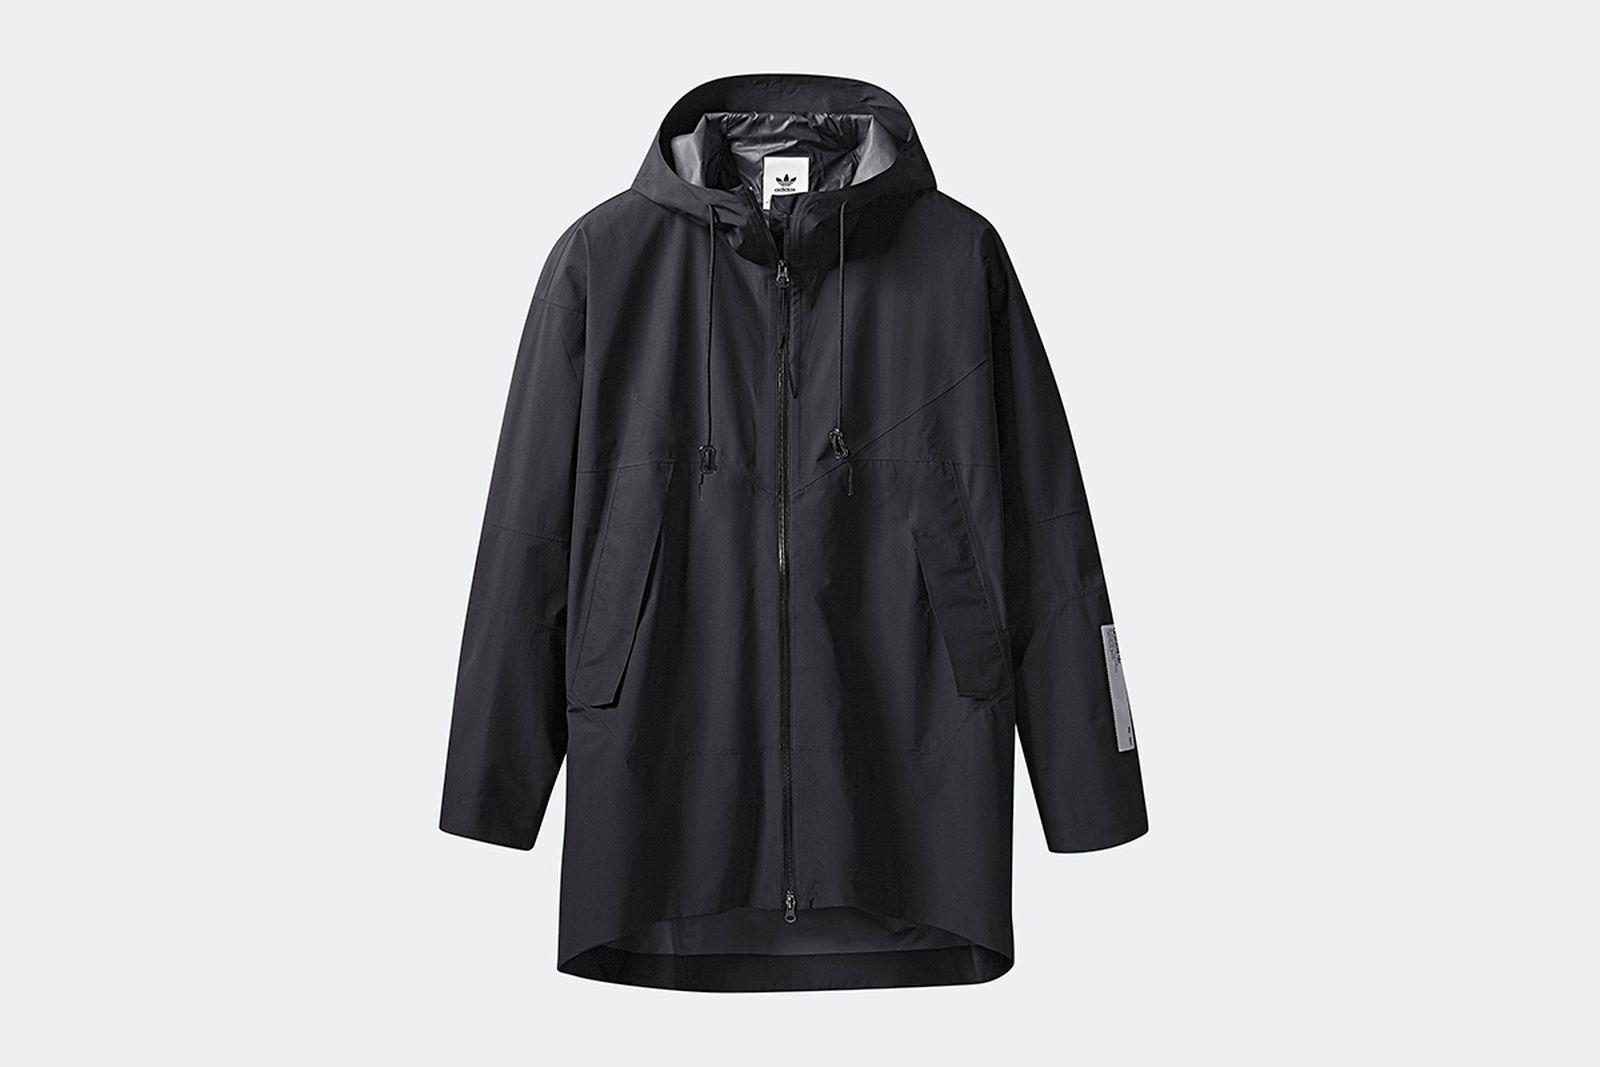 gore tex adidas karkaj jacket Conroy Nachtigall adidas Originals gore-tex